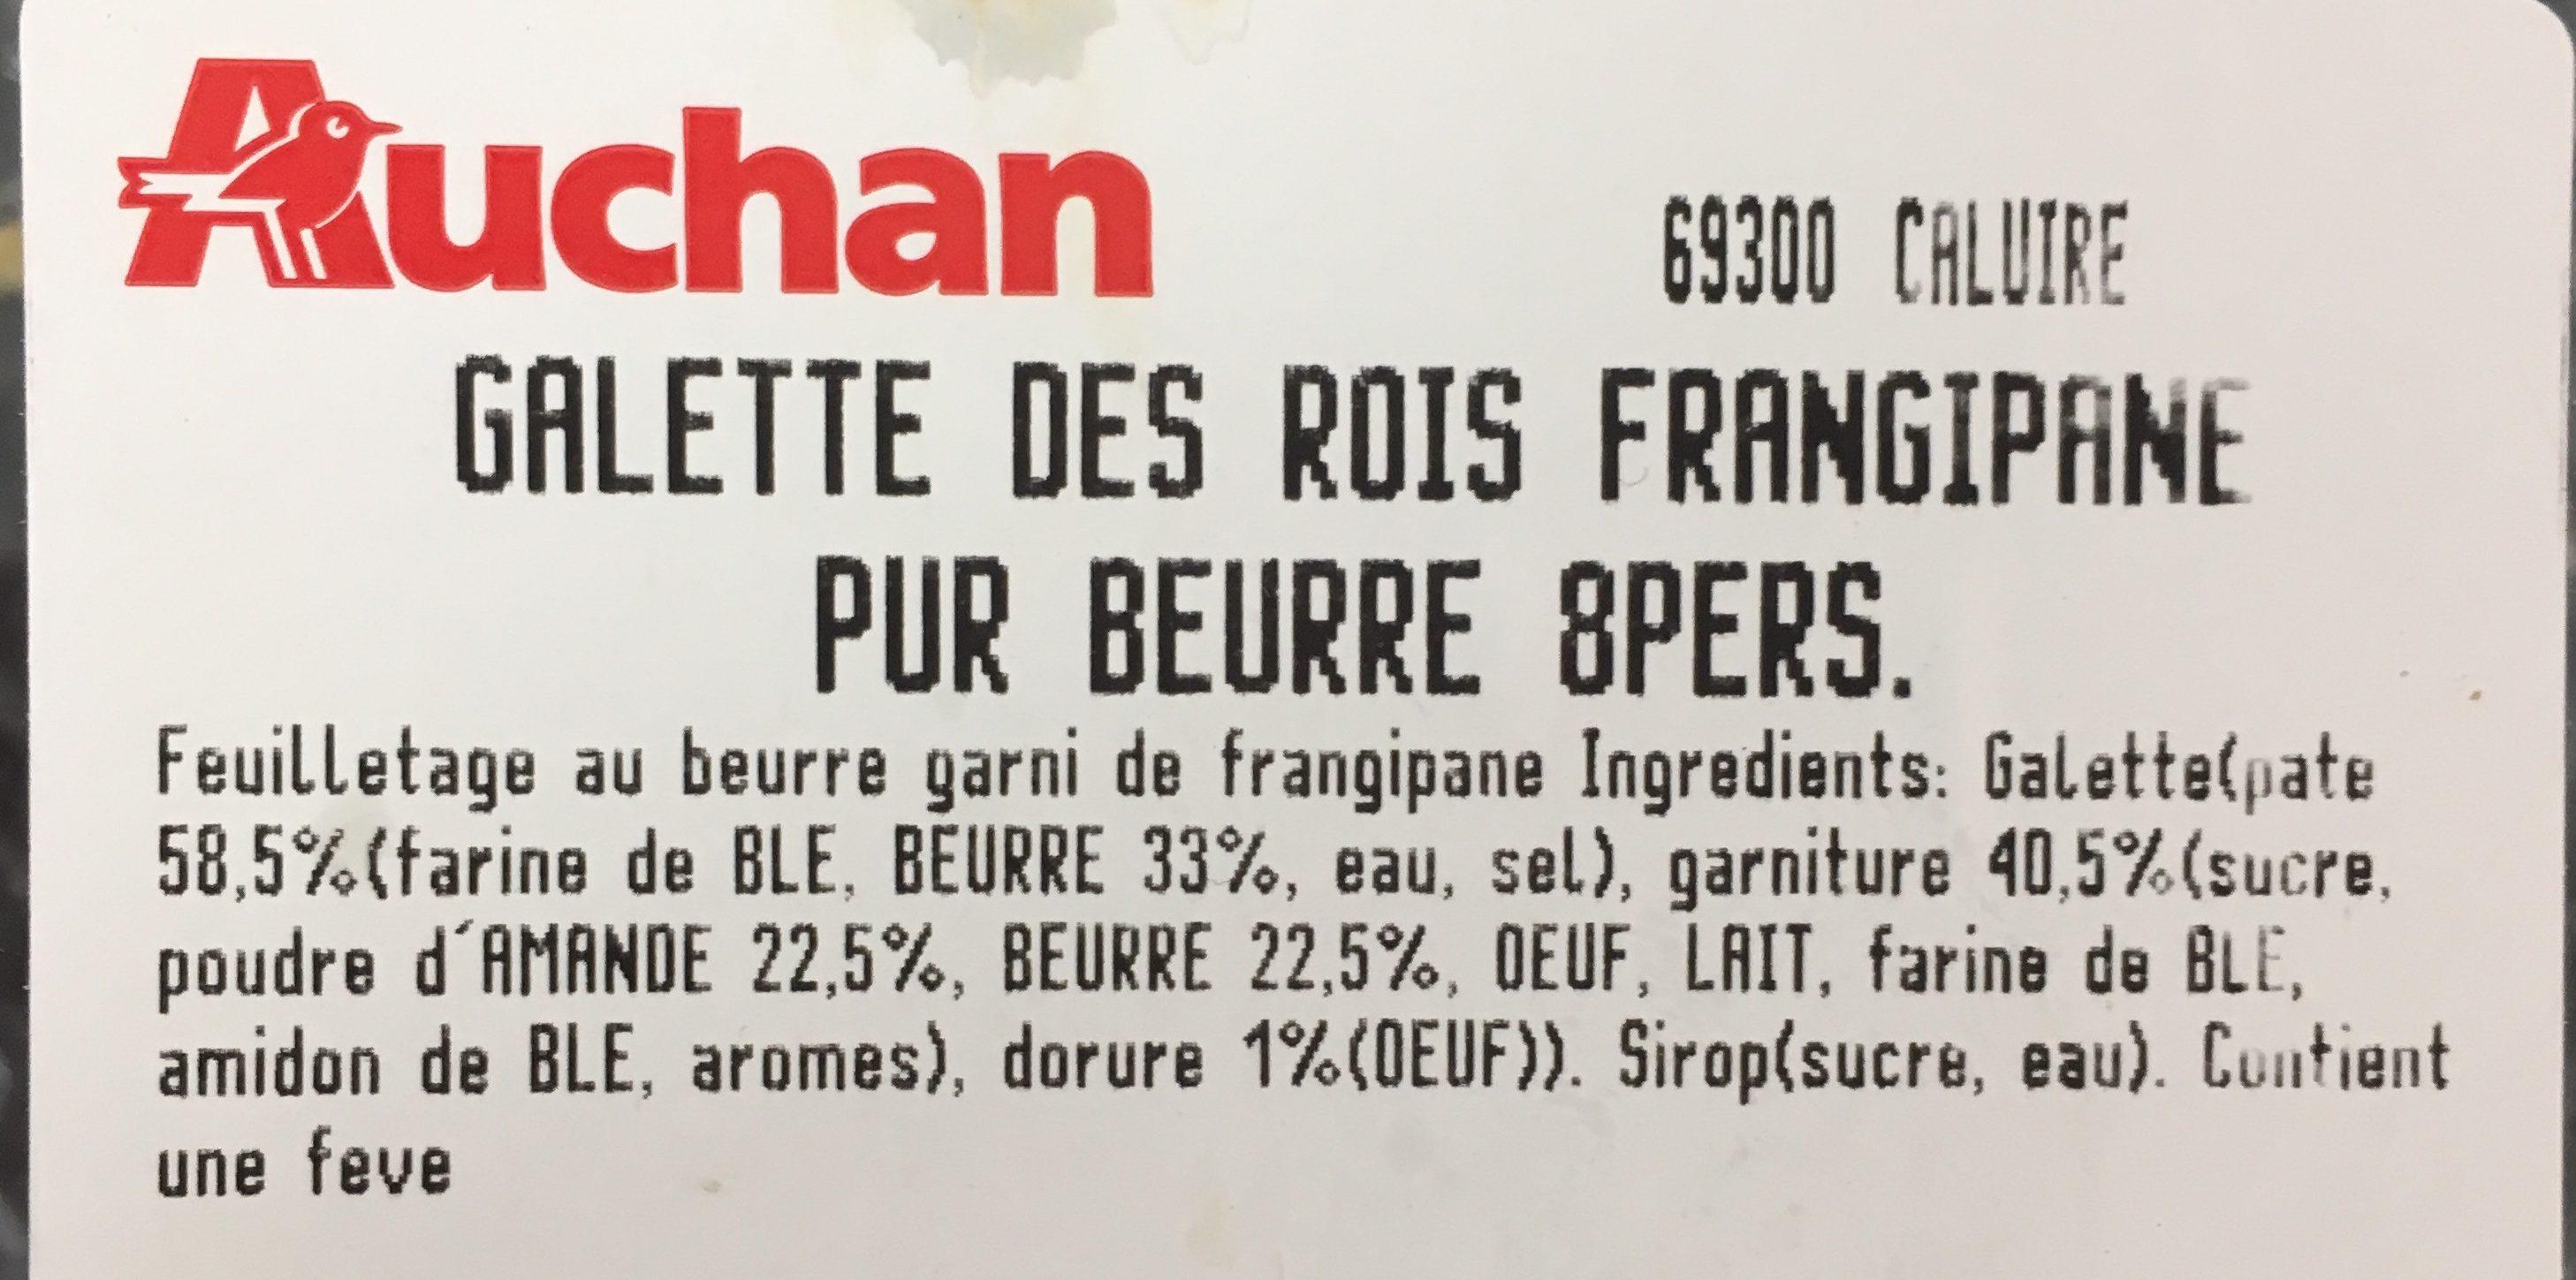 Galette des rois frangipane pur beurre - Ingrédients